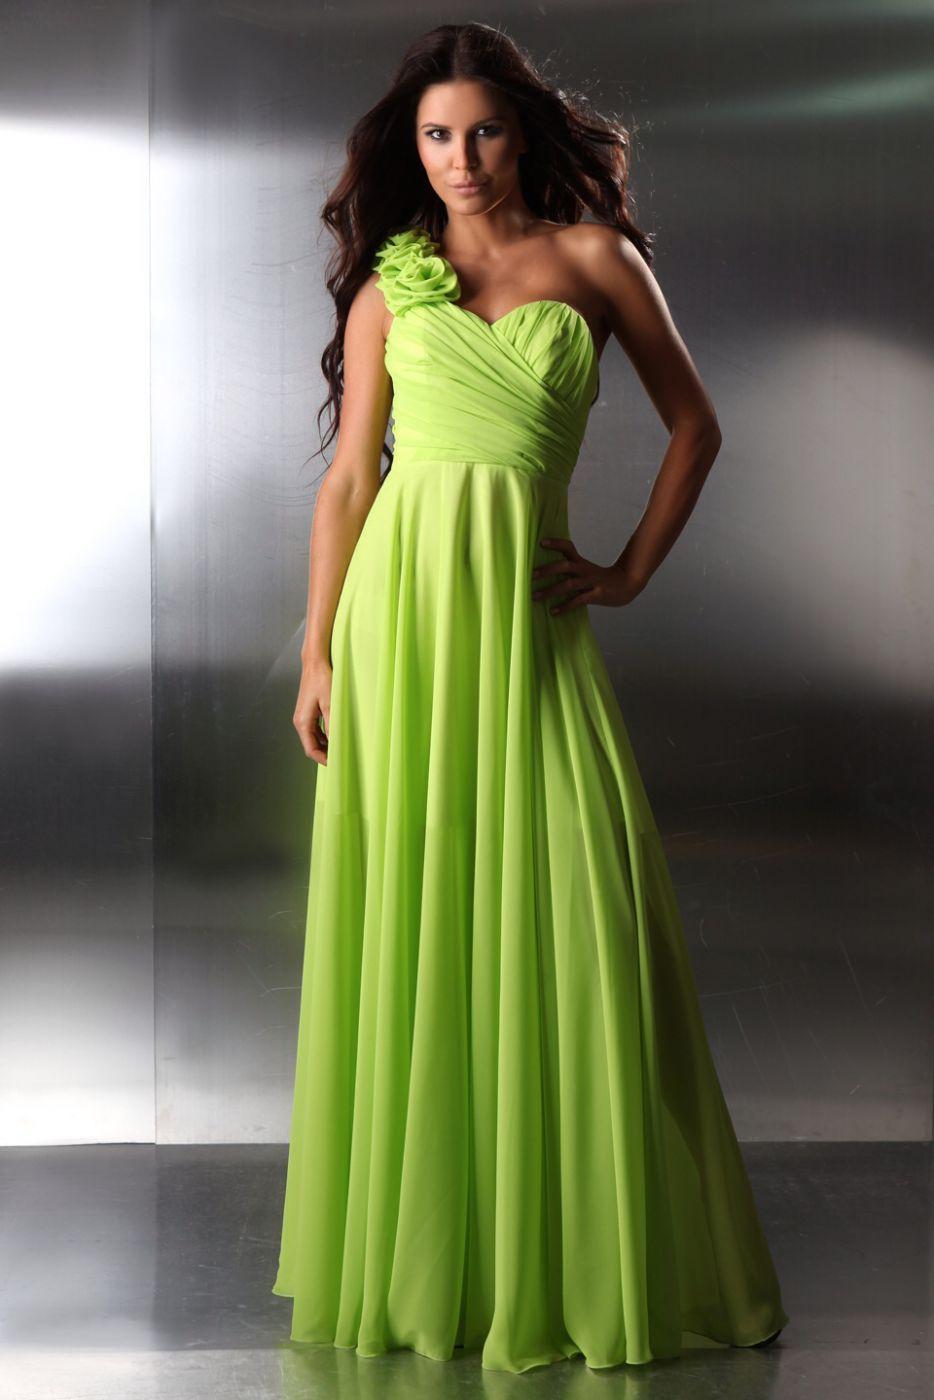 neueste ee7bd 24e7f Abschlussballkleid Apfelgrün Neongrün - Kleiderfreuden